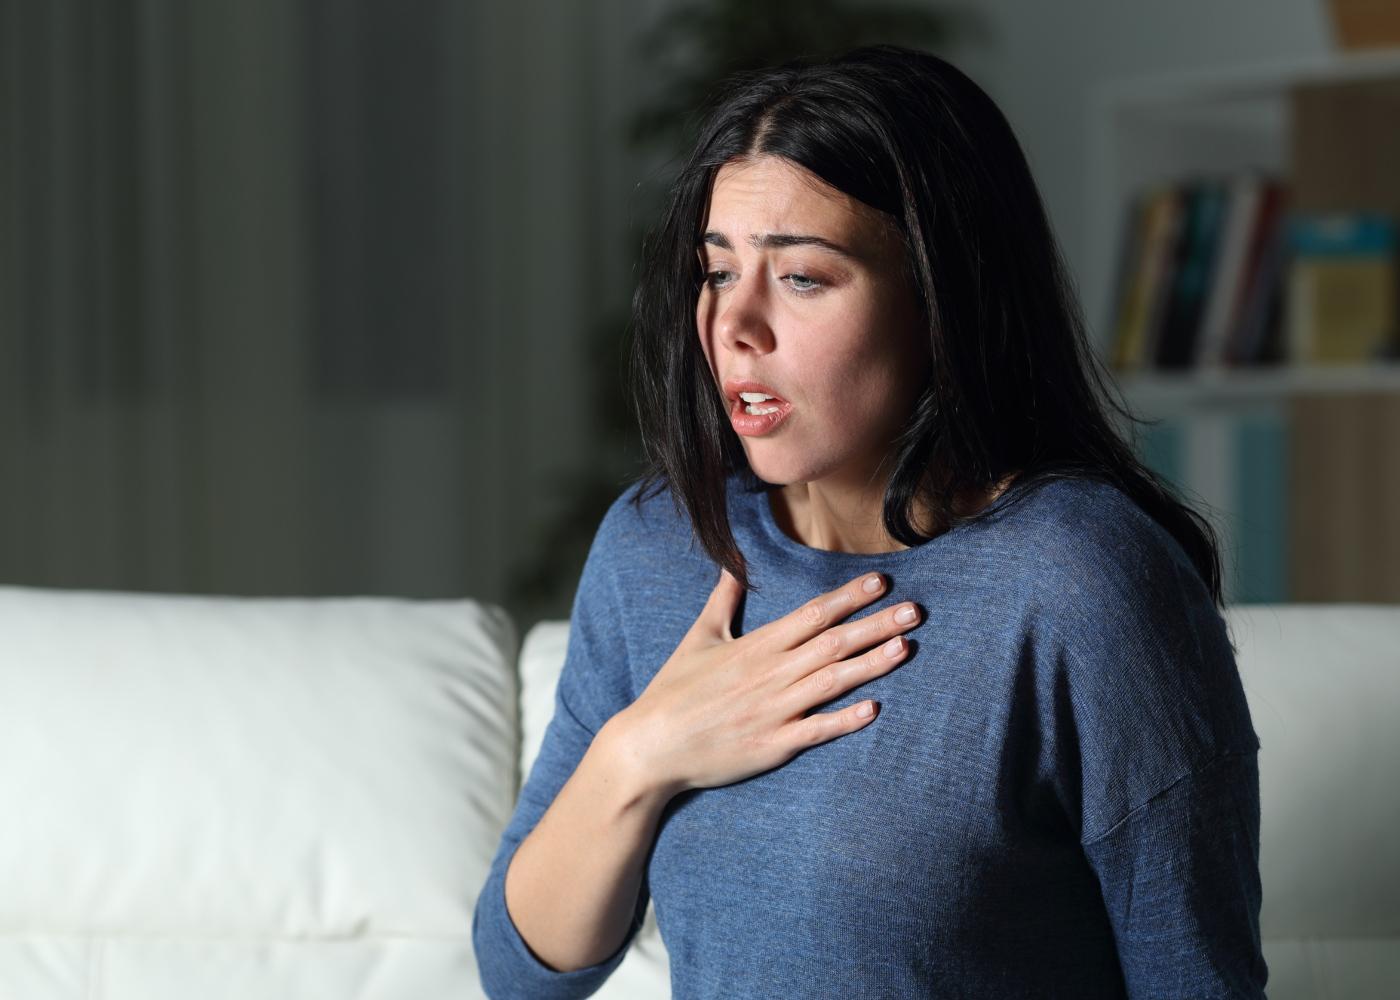 Mulher a ter uma crise de ansiedade